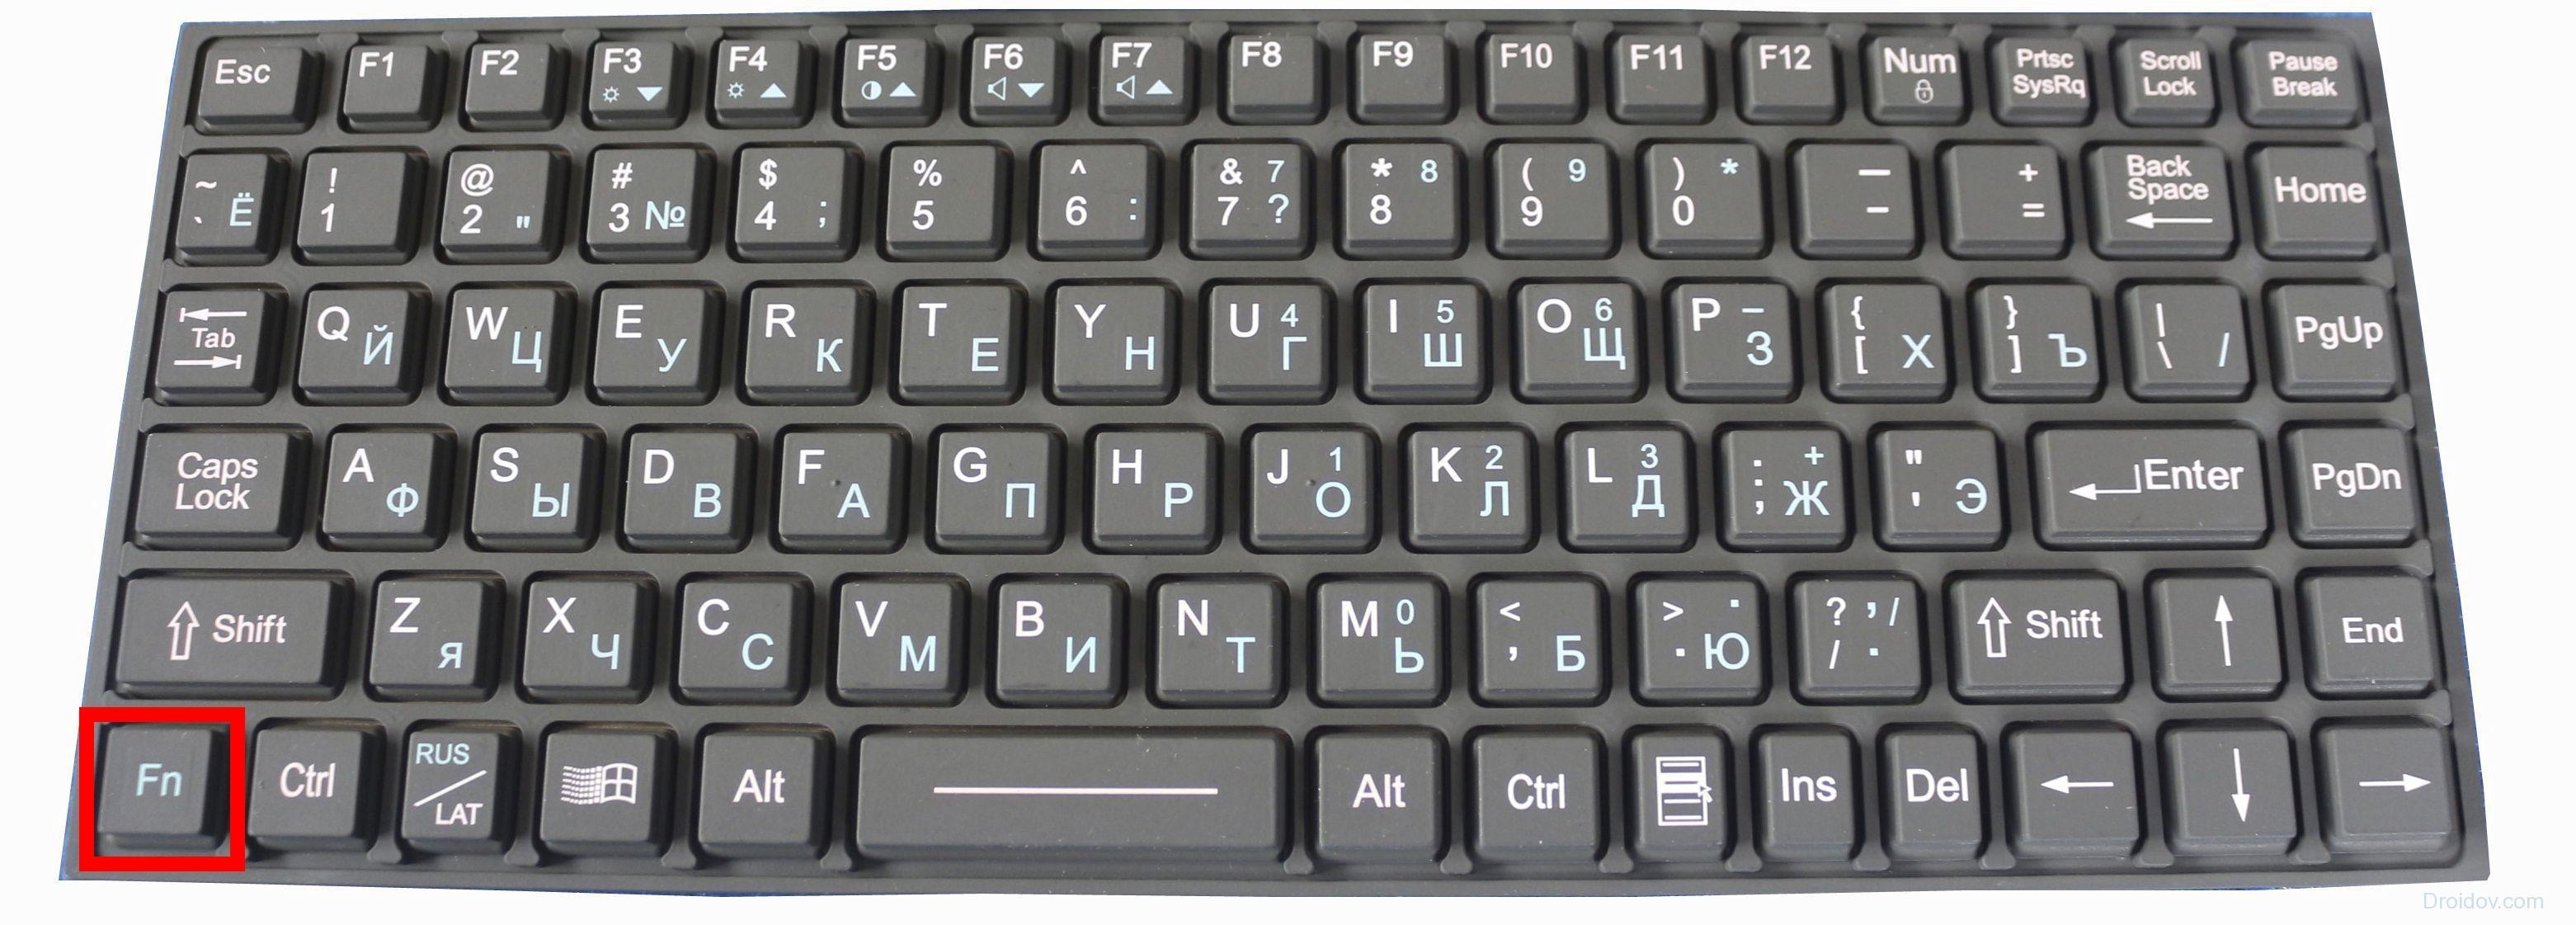 Функциональная кнопка Fn на клавиатуре